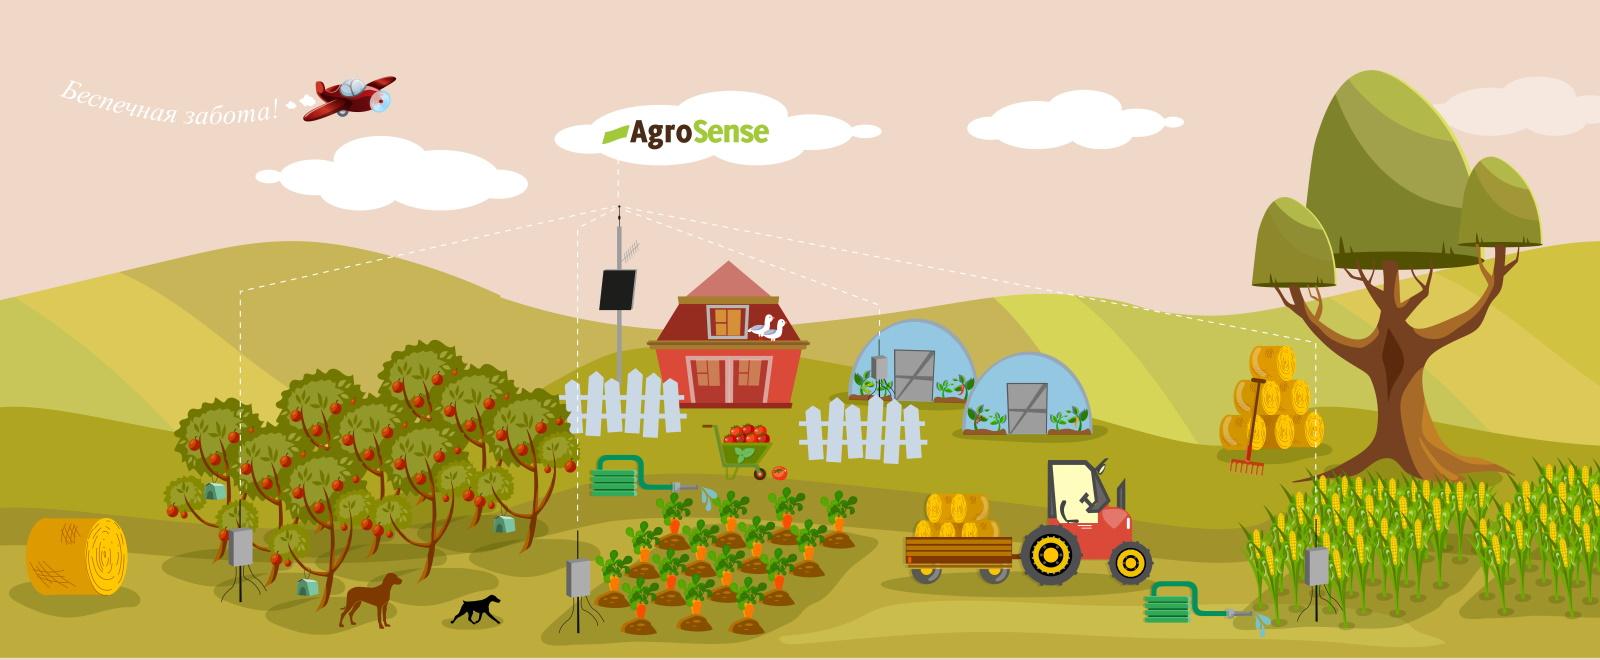 AgroSense Farm RU